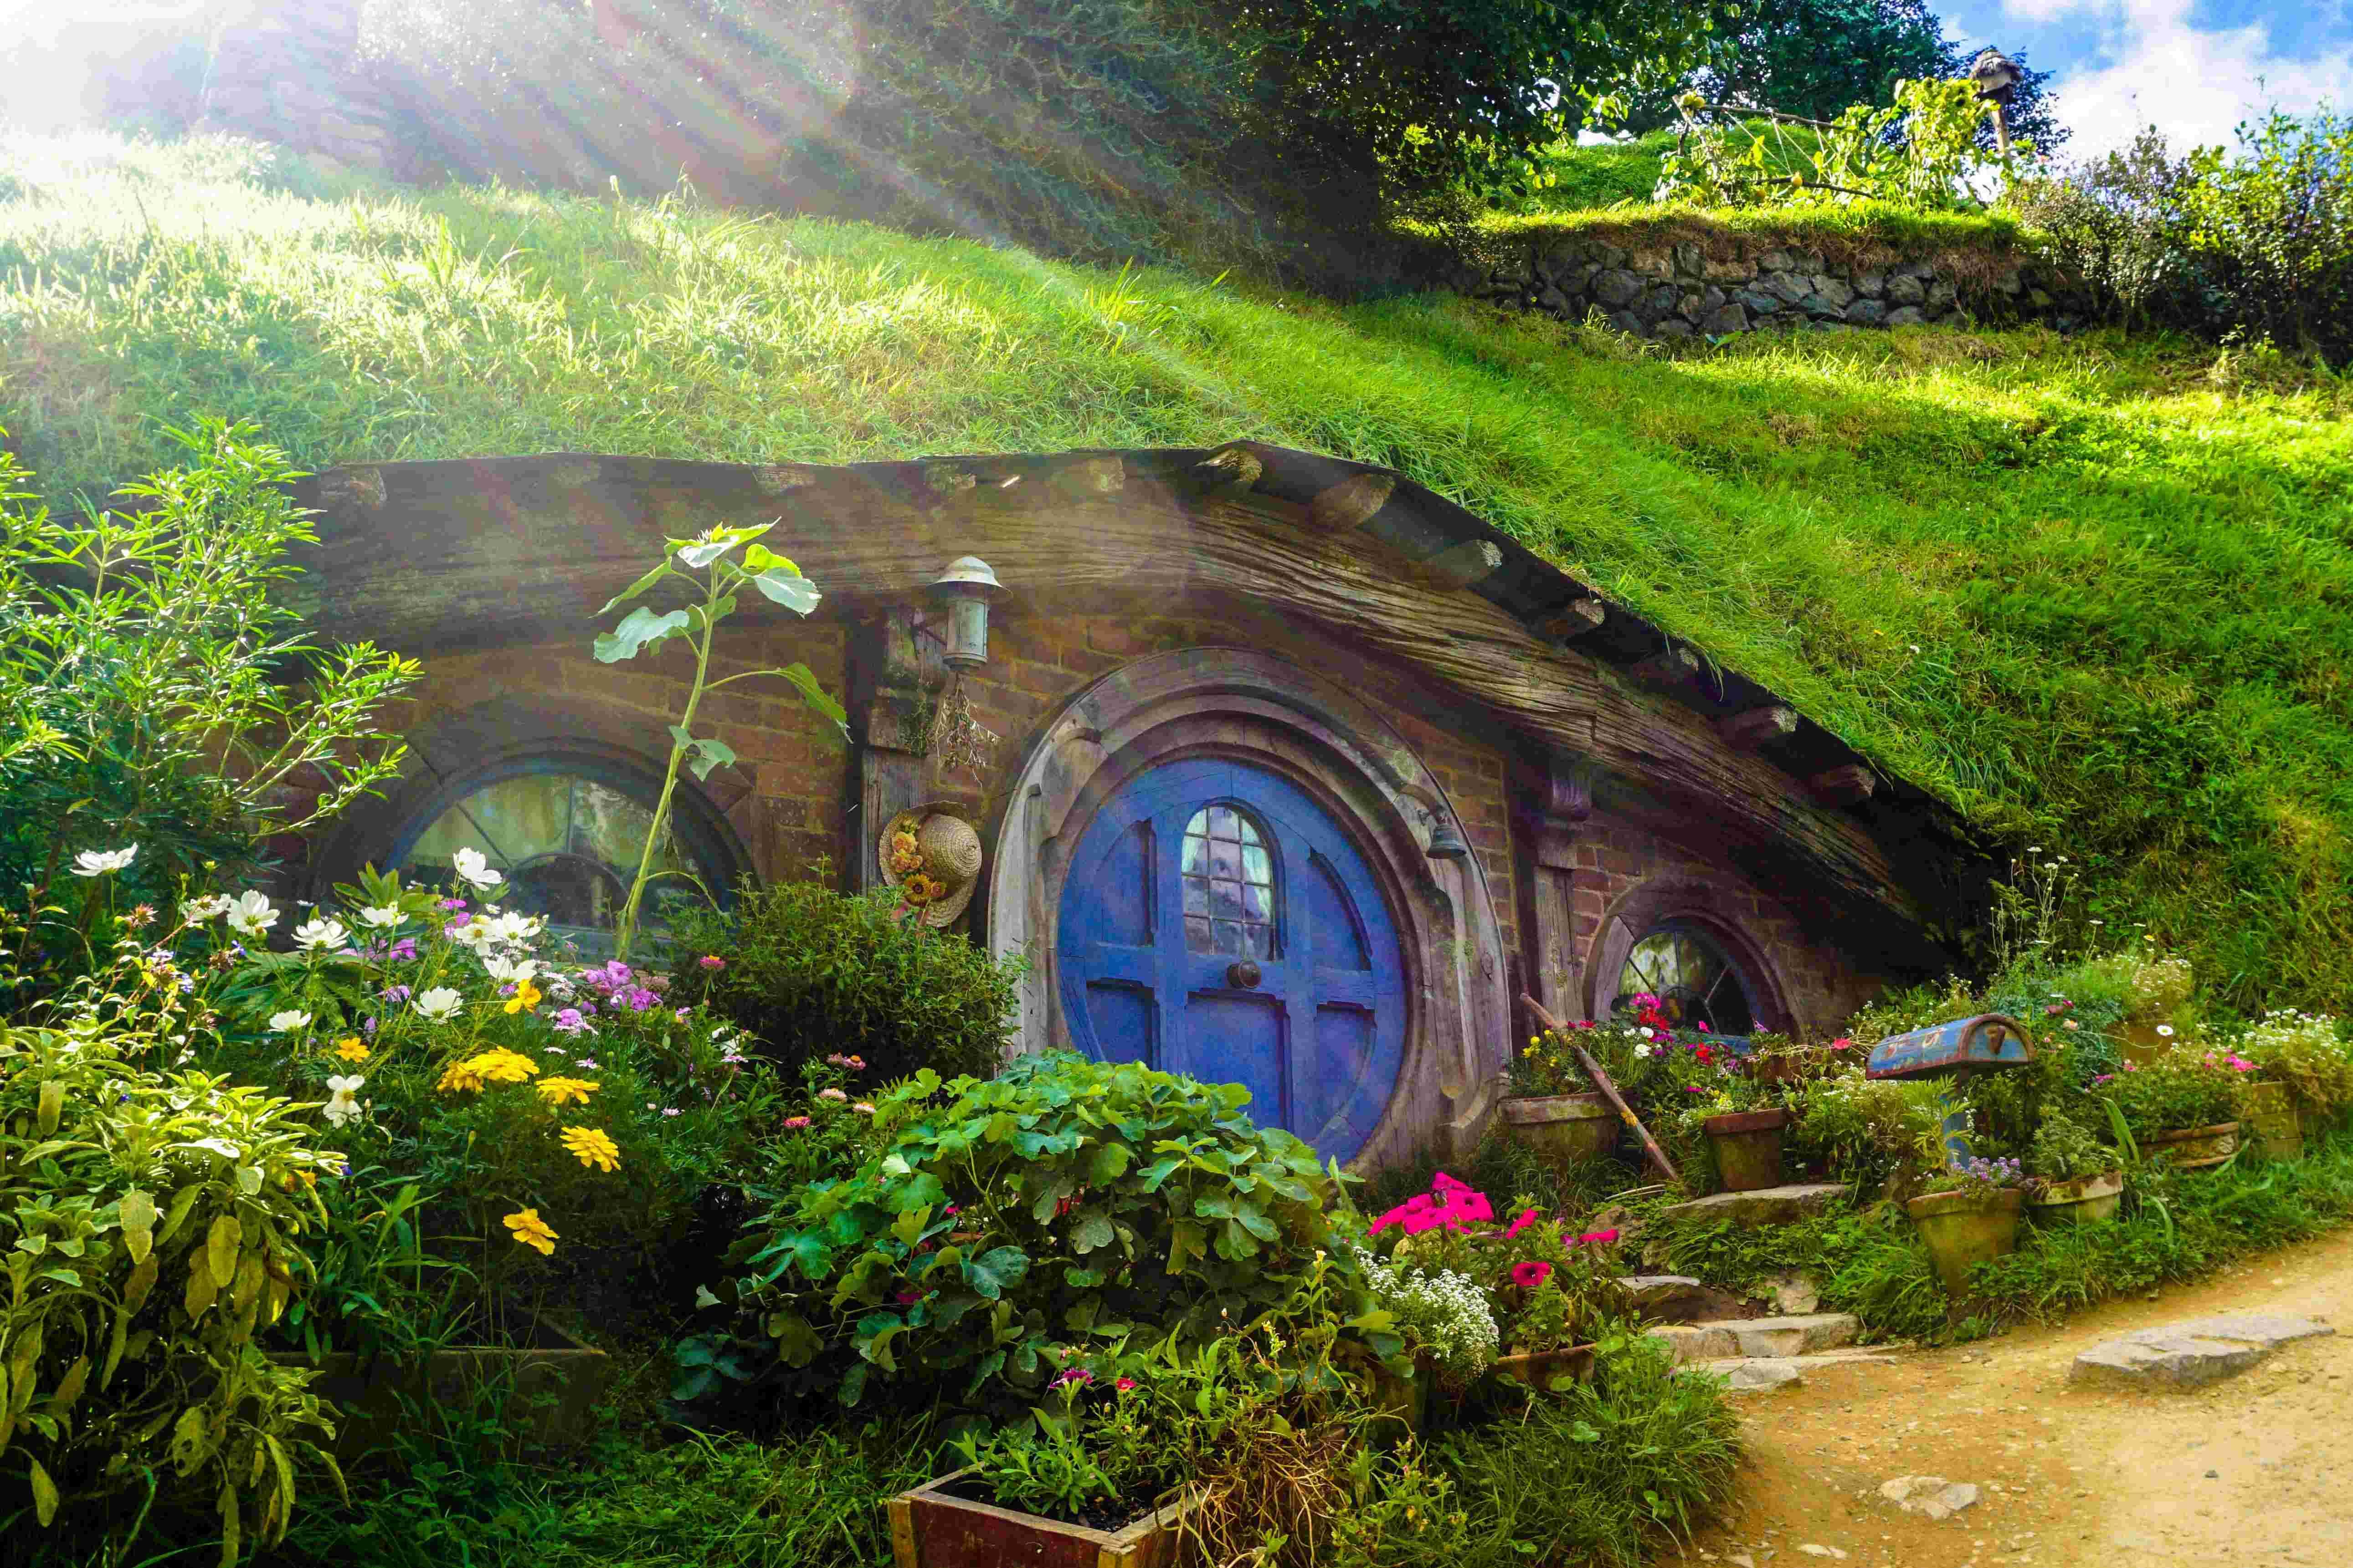 Hobbiton Movie Set in Waikato